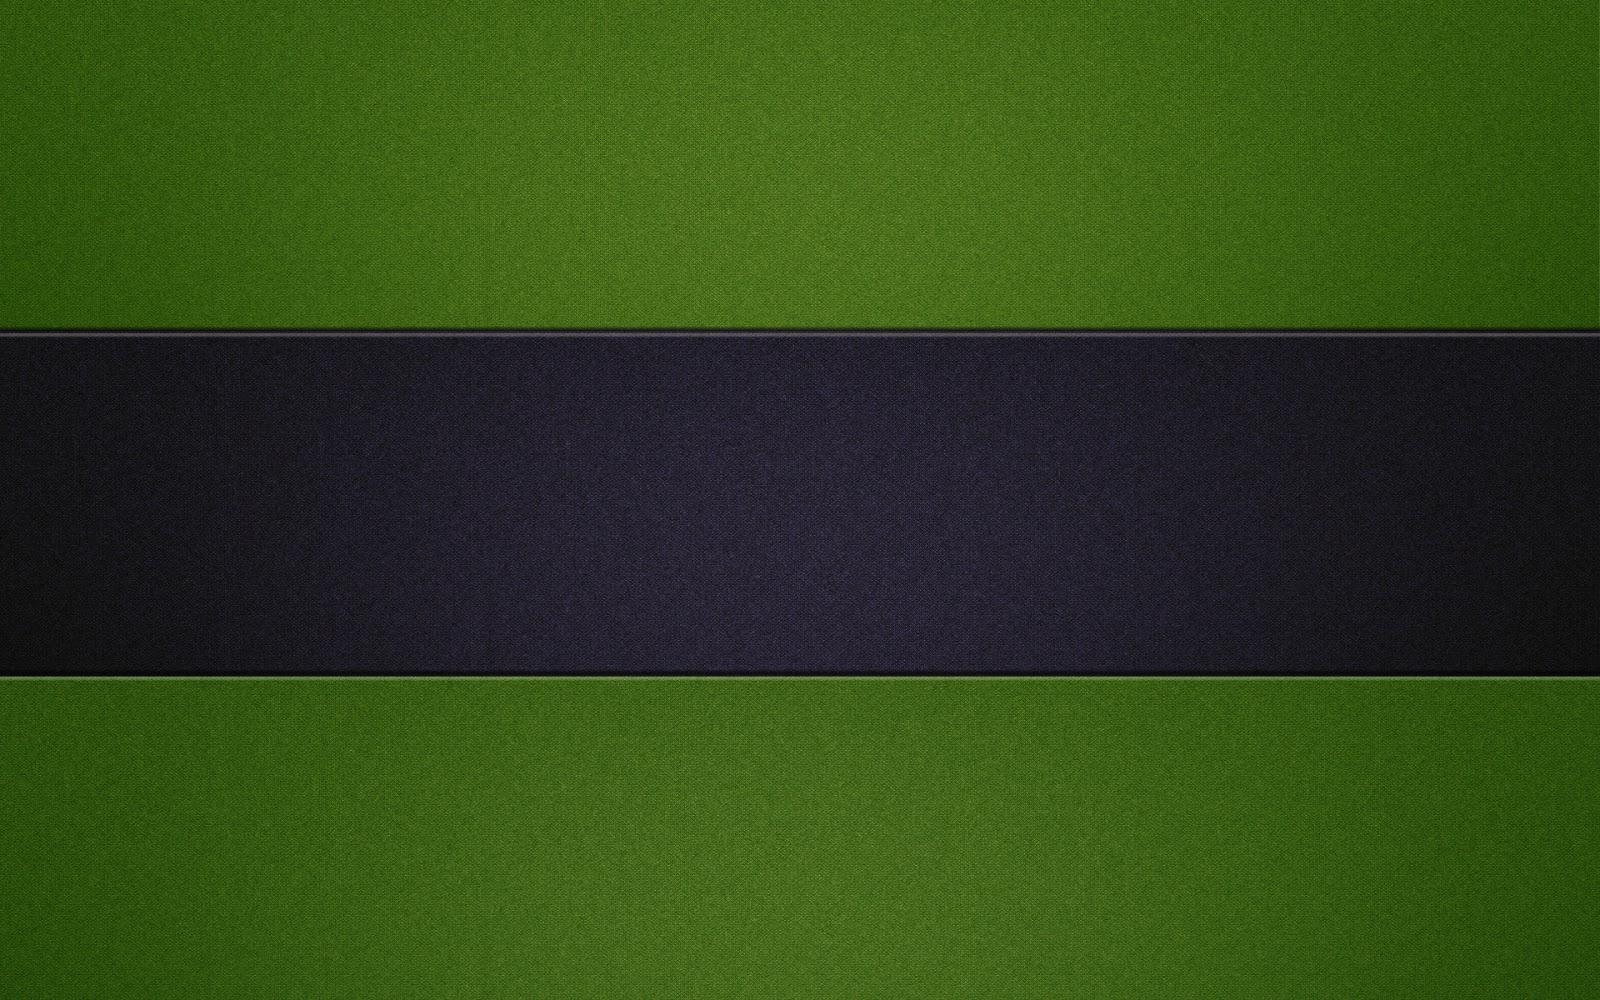 Verde Full Hd Fondo De Pantalla And Fondo De Escritorio: Fondos De Pantalla HD